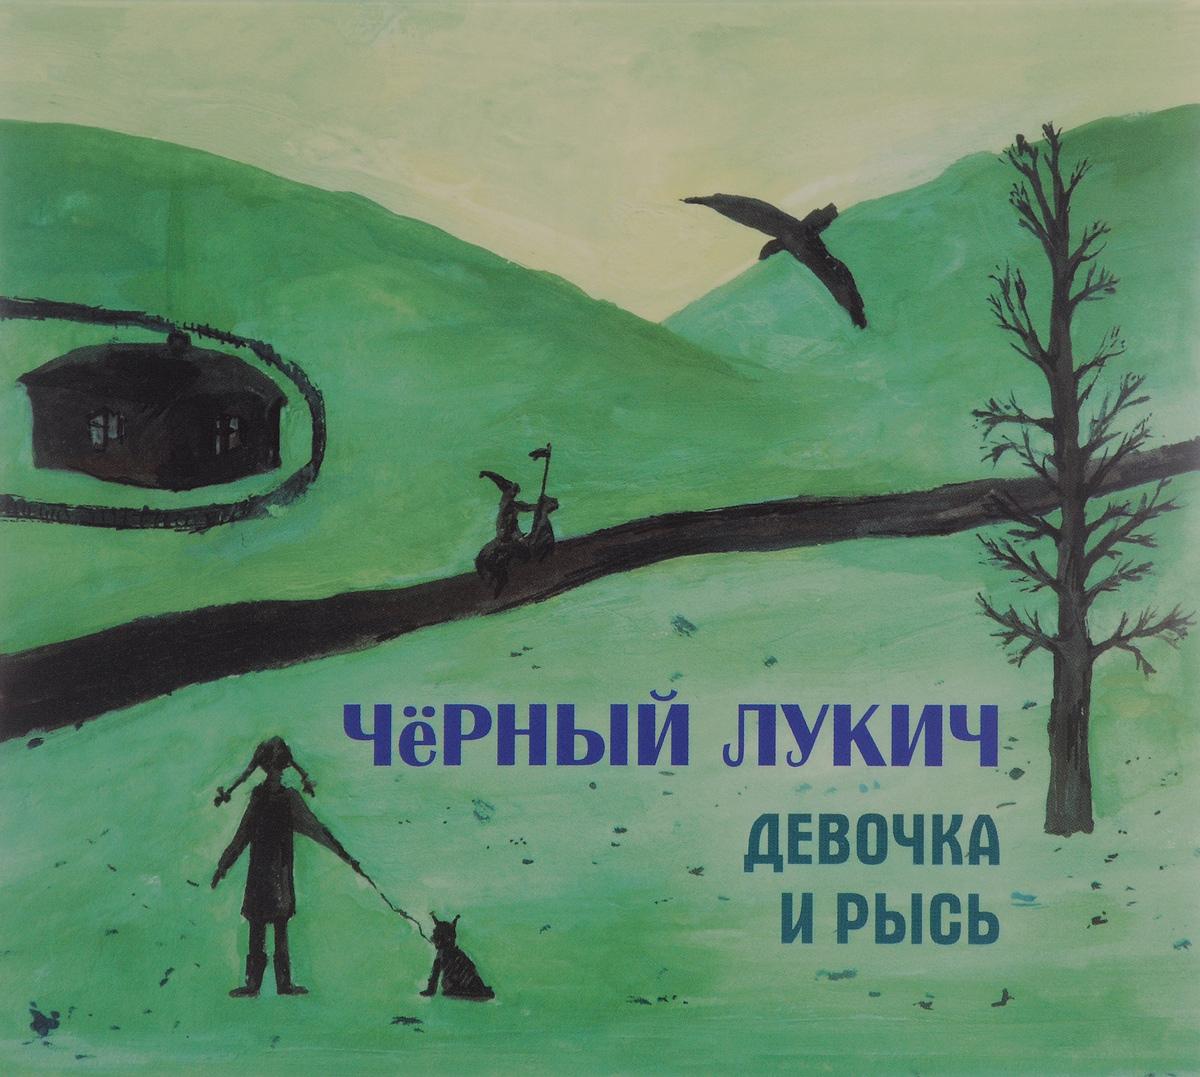 Черный Лукич. Девочка и рысь 2009 Audio CD